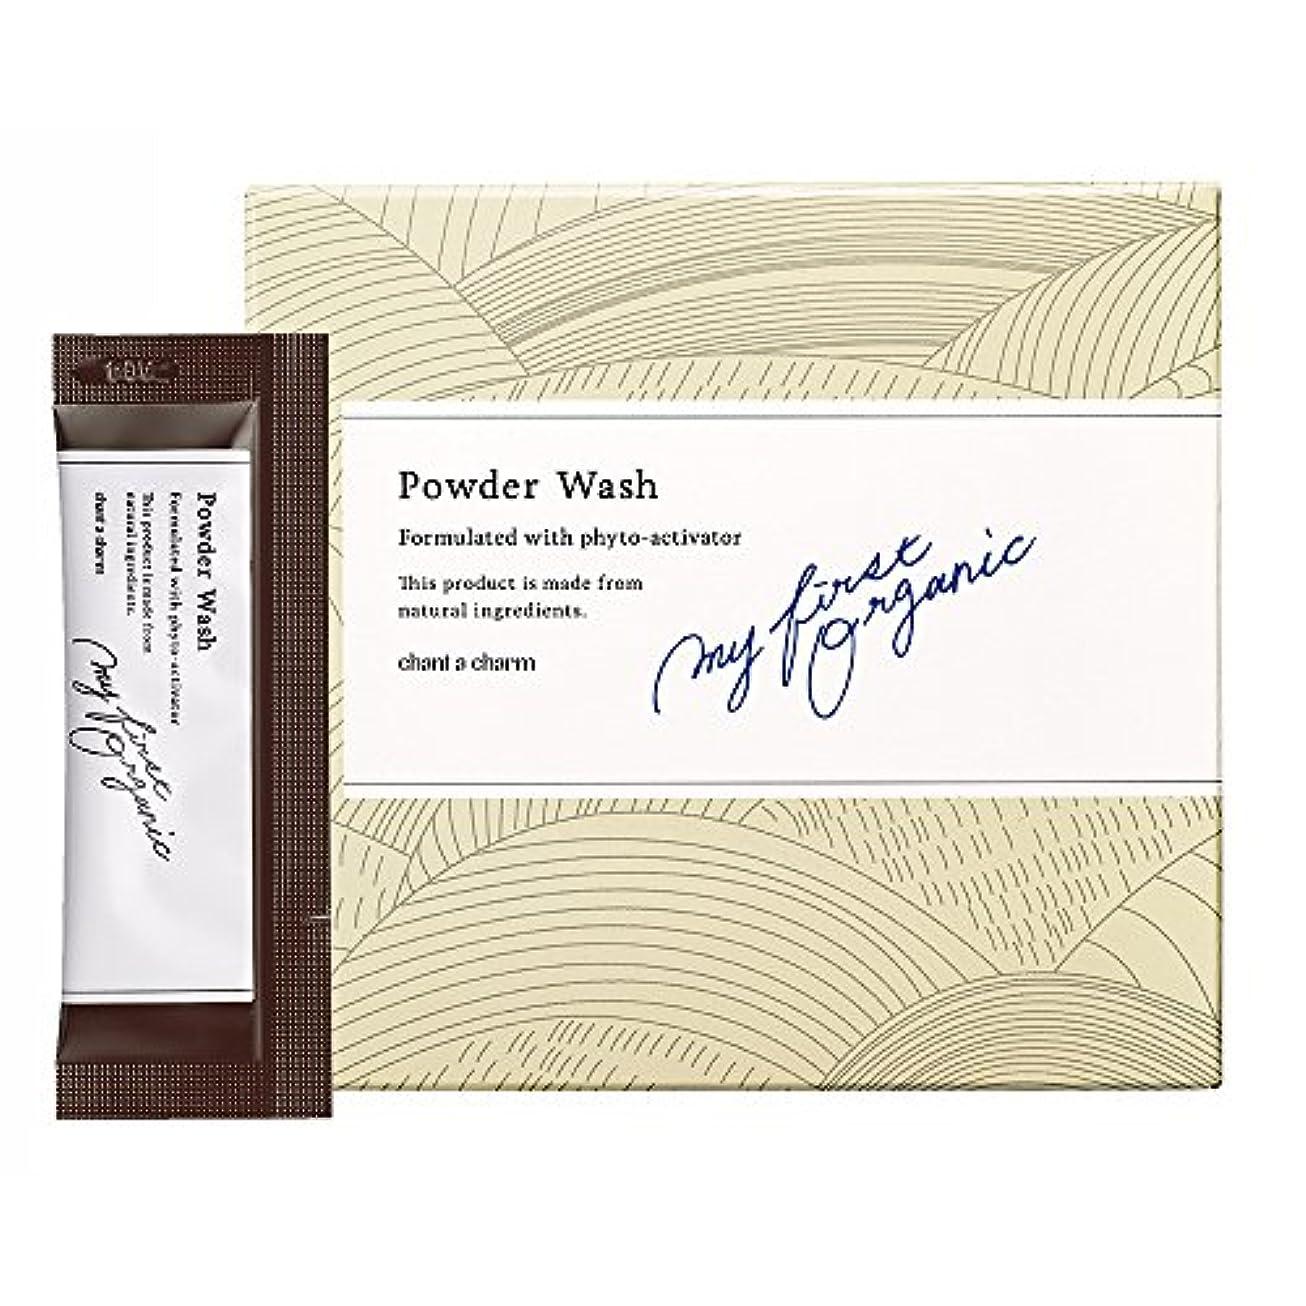 プログラム簡単に名前を作るチャントアチャーム パウダーウォッシュ ニキビ肌用酵素洗顔 医薬部外品